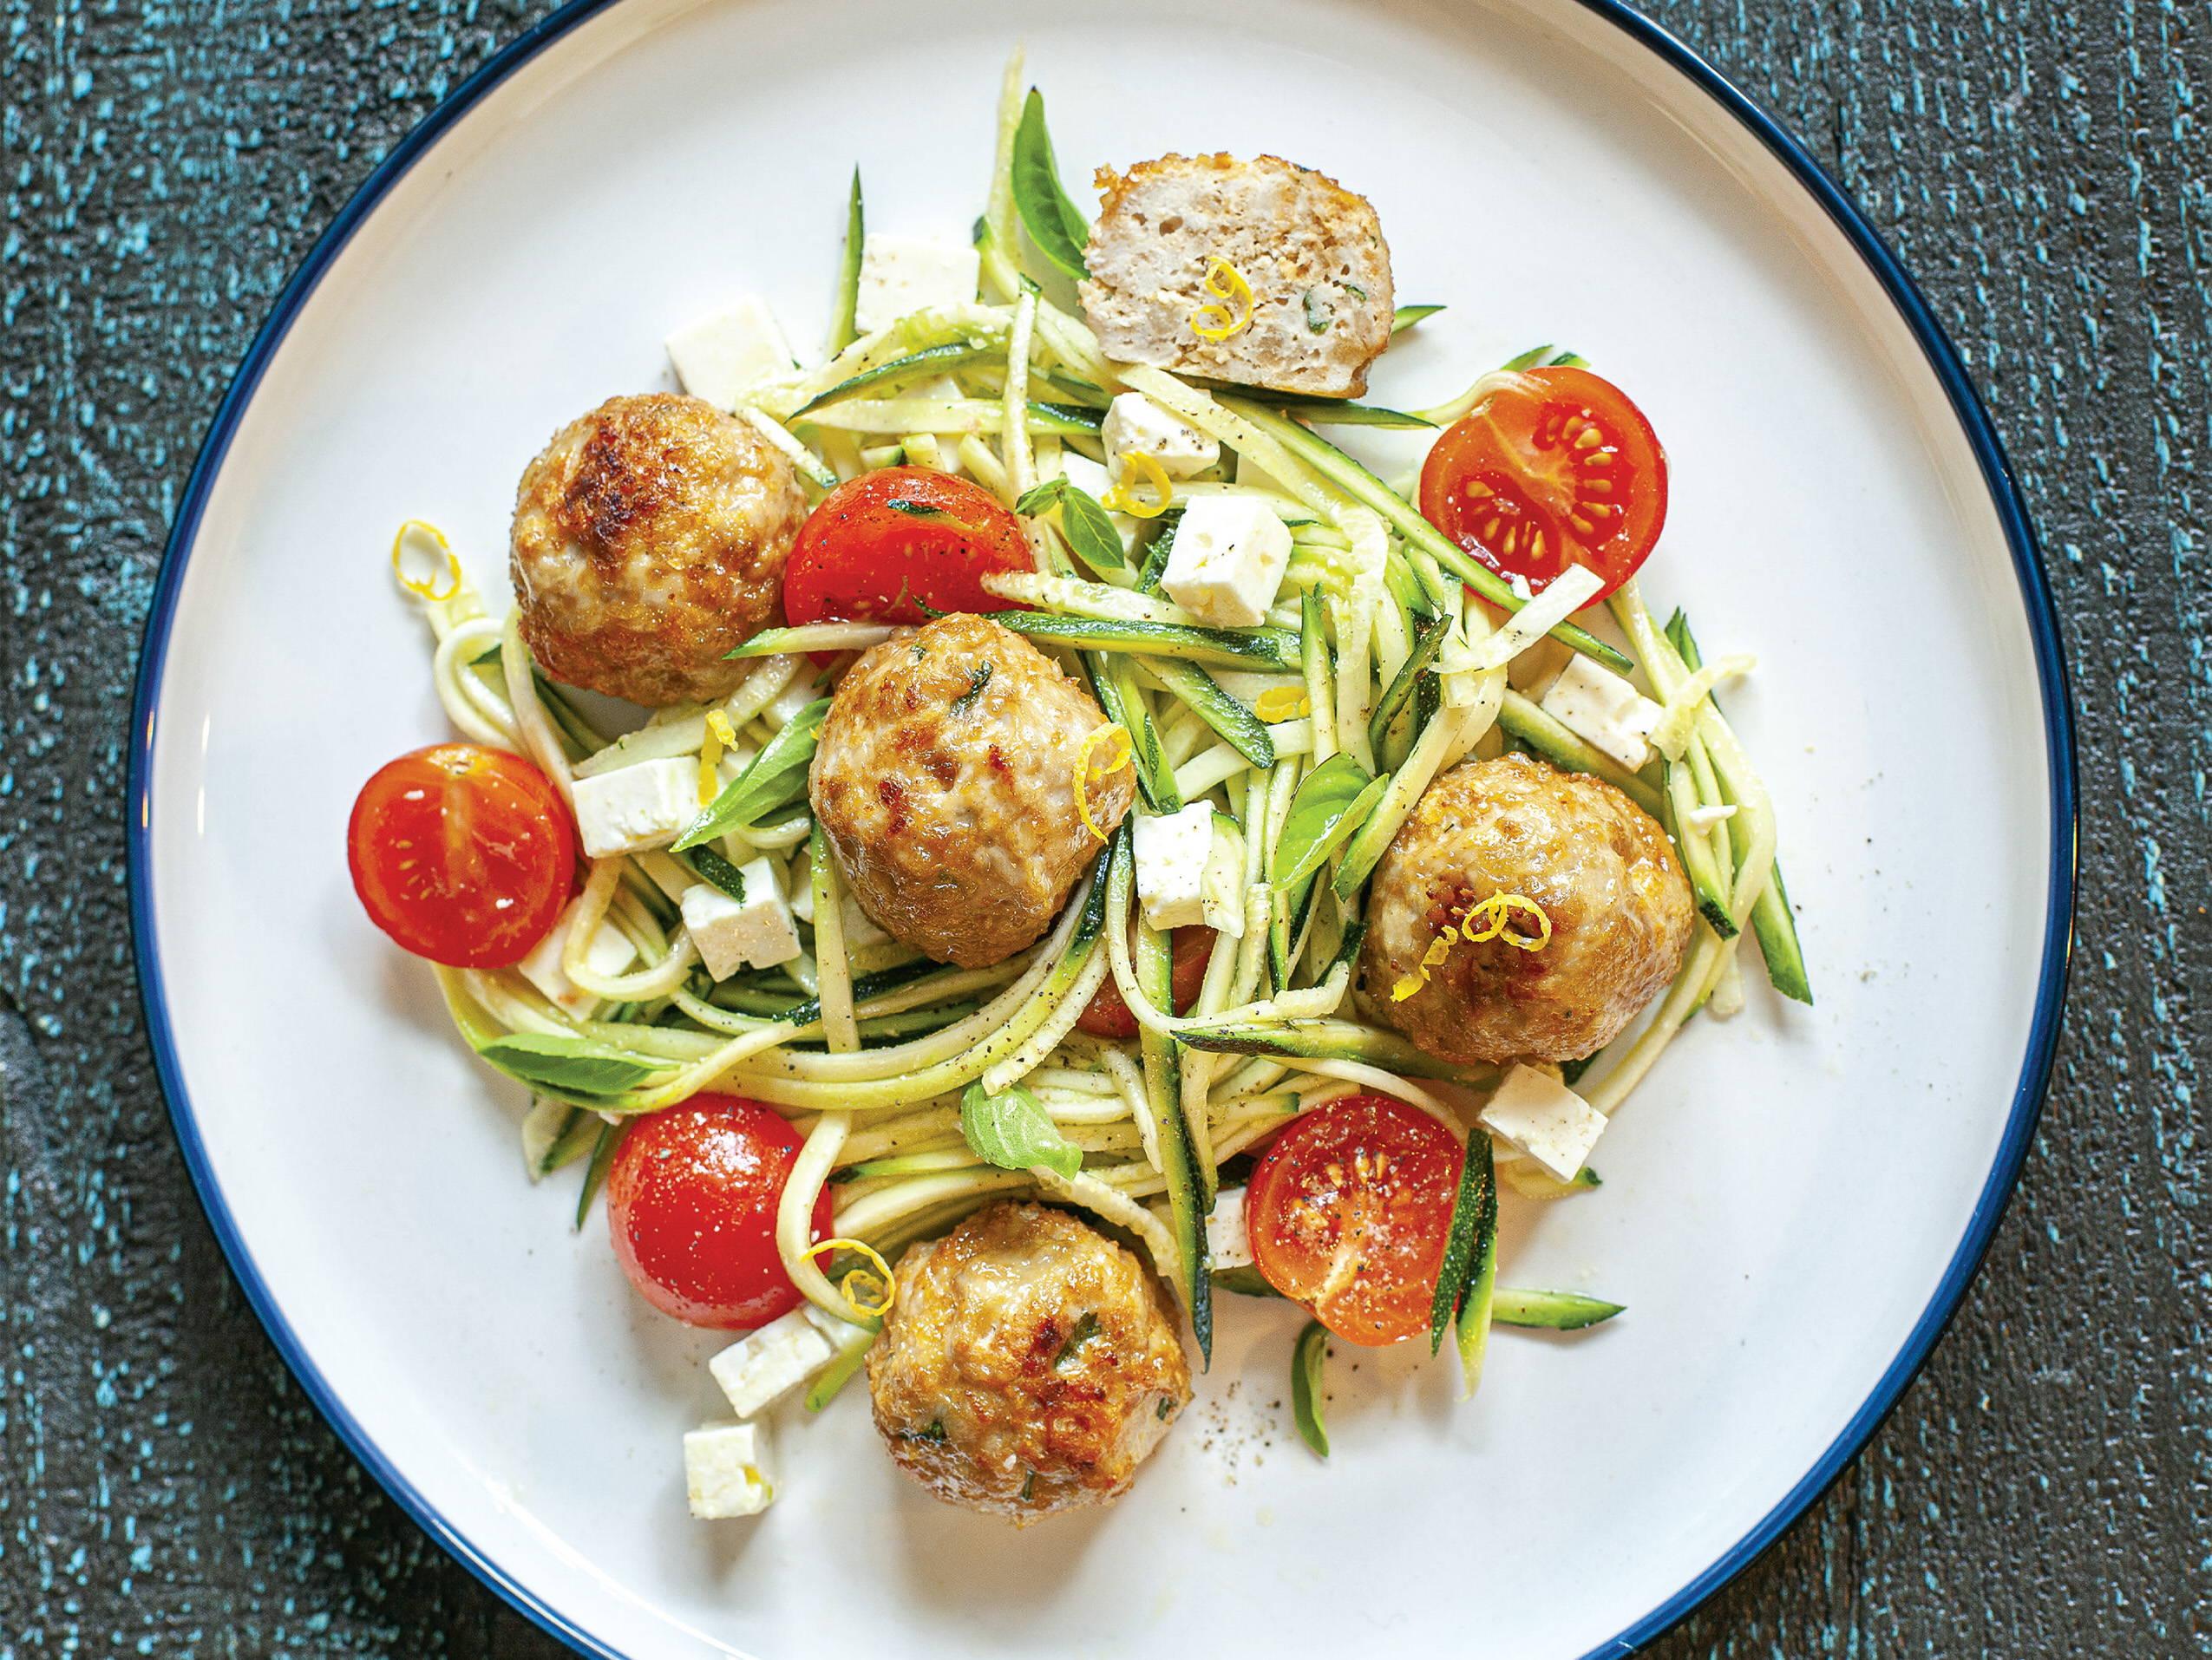 Recette de salade santé courgettes et boulettes de poulet signée Isabelle Huot Docteure en nutrition